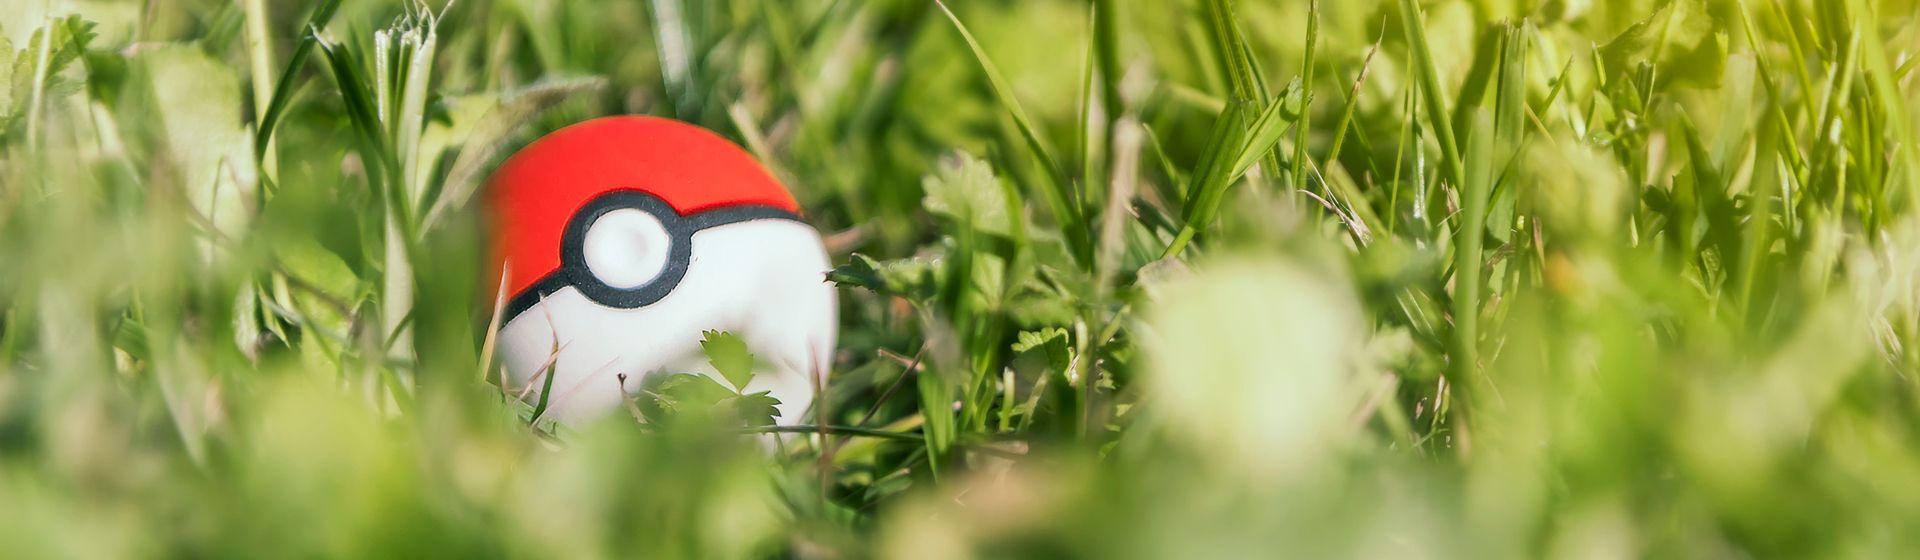 Pokémon mais forte: 25 criaturas mais poderosas da franquia